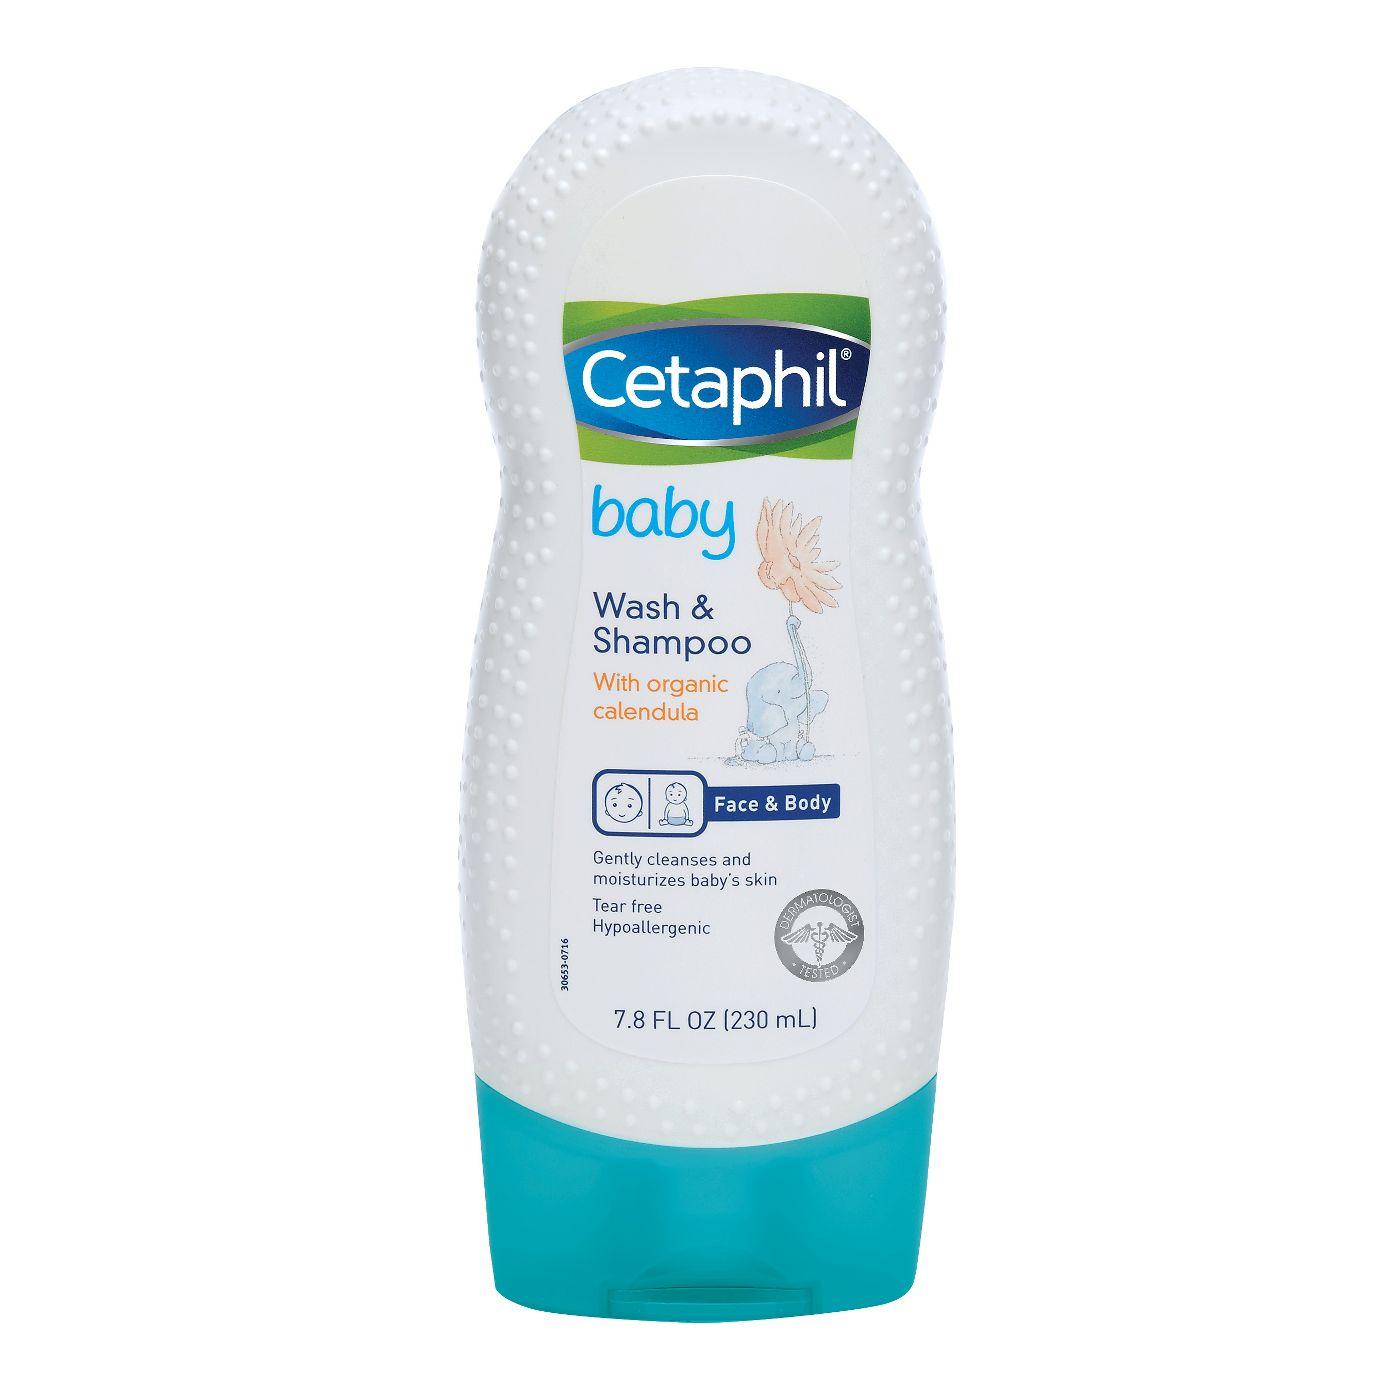 Cetaphil Baby Sabonete e Shampoo Líquido (Wash & Shampoo)